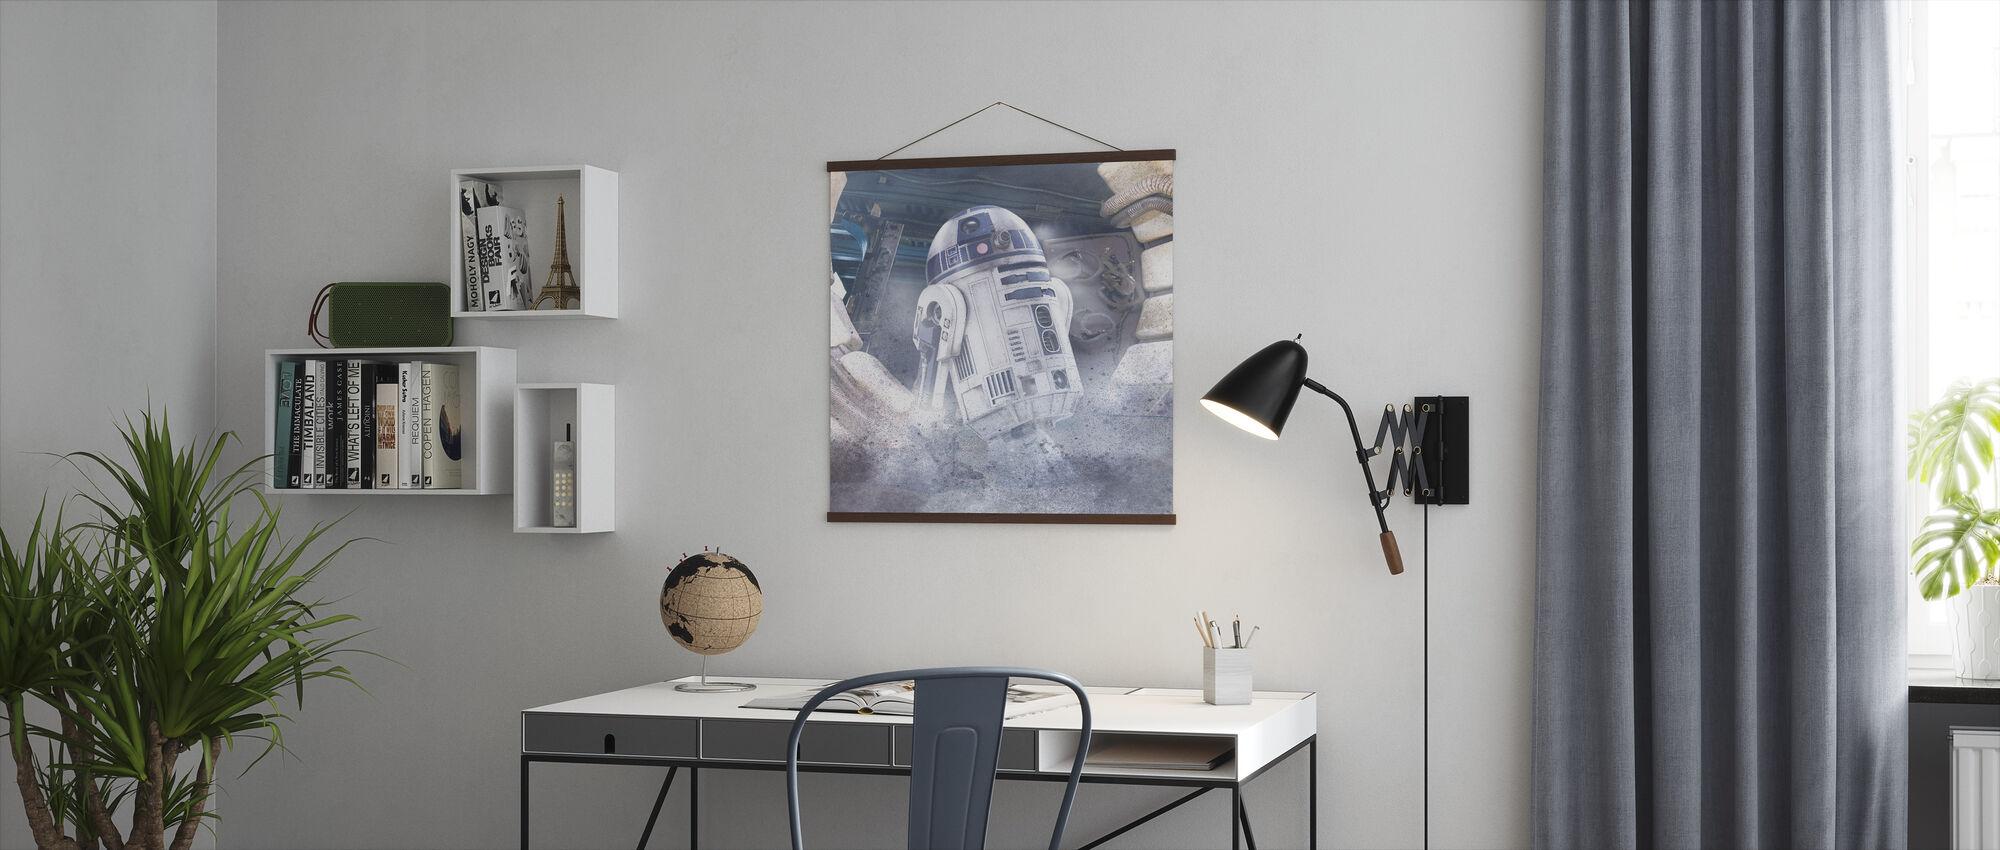 Stjerne kriger - R2-D2 - Plakat - Kontor